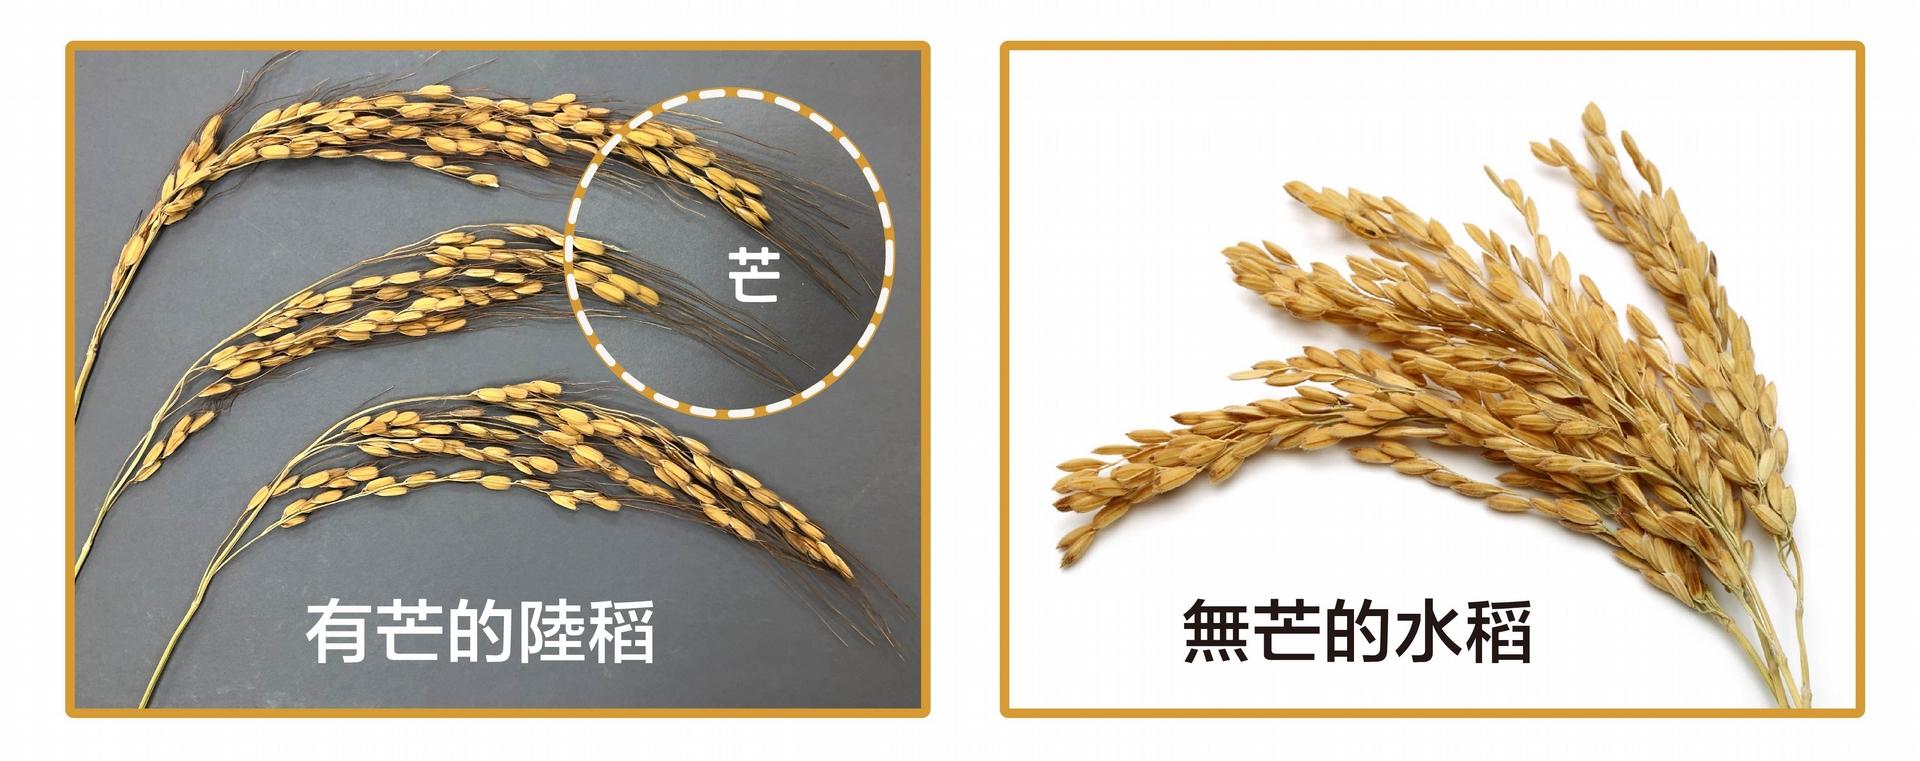 有芒的陸稻 (左圖) 與無芒的水稻 (右圖)。什麼是馴化?人類以稻米為糧食,會選擇顆粒大的、產量多的、方便採收的稻子,久而久之,稻子的性狀就會被馴化–趨向於人類所喜好的特性,像是米粒變得大而飽滿、穀粒不具有芒、不容易落粒、植株直立而不倒伏等等。野生陸稻多有稻芒,主要的功用是防止鳥兒啄食稻穀,還可幫助穀粒落地或附著在動物身上,以便傳播。不過,有芒的稻子收割和儲藏就不方便了。我們現在栽種的水稻,經過長期的馴化,穀粒上都沒有「芒」了。 <br>攝影│林洵安 (左圖) <br>圖片來源│iStock (右圖)